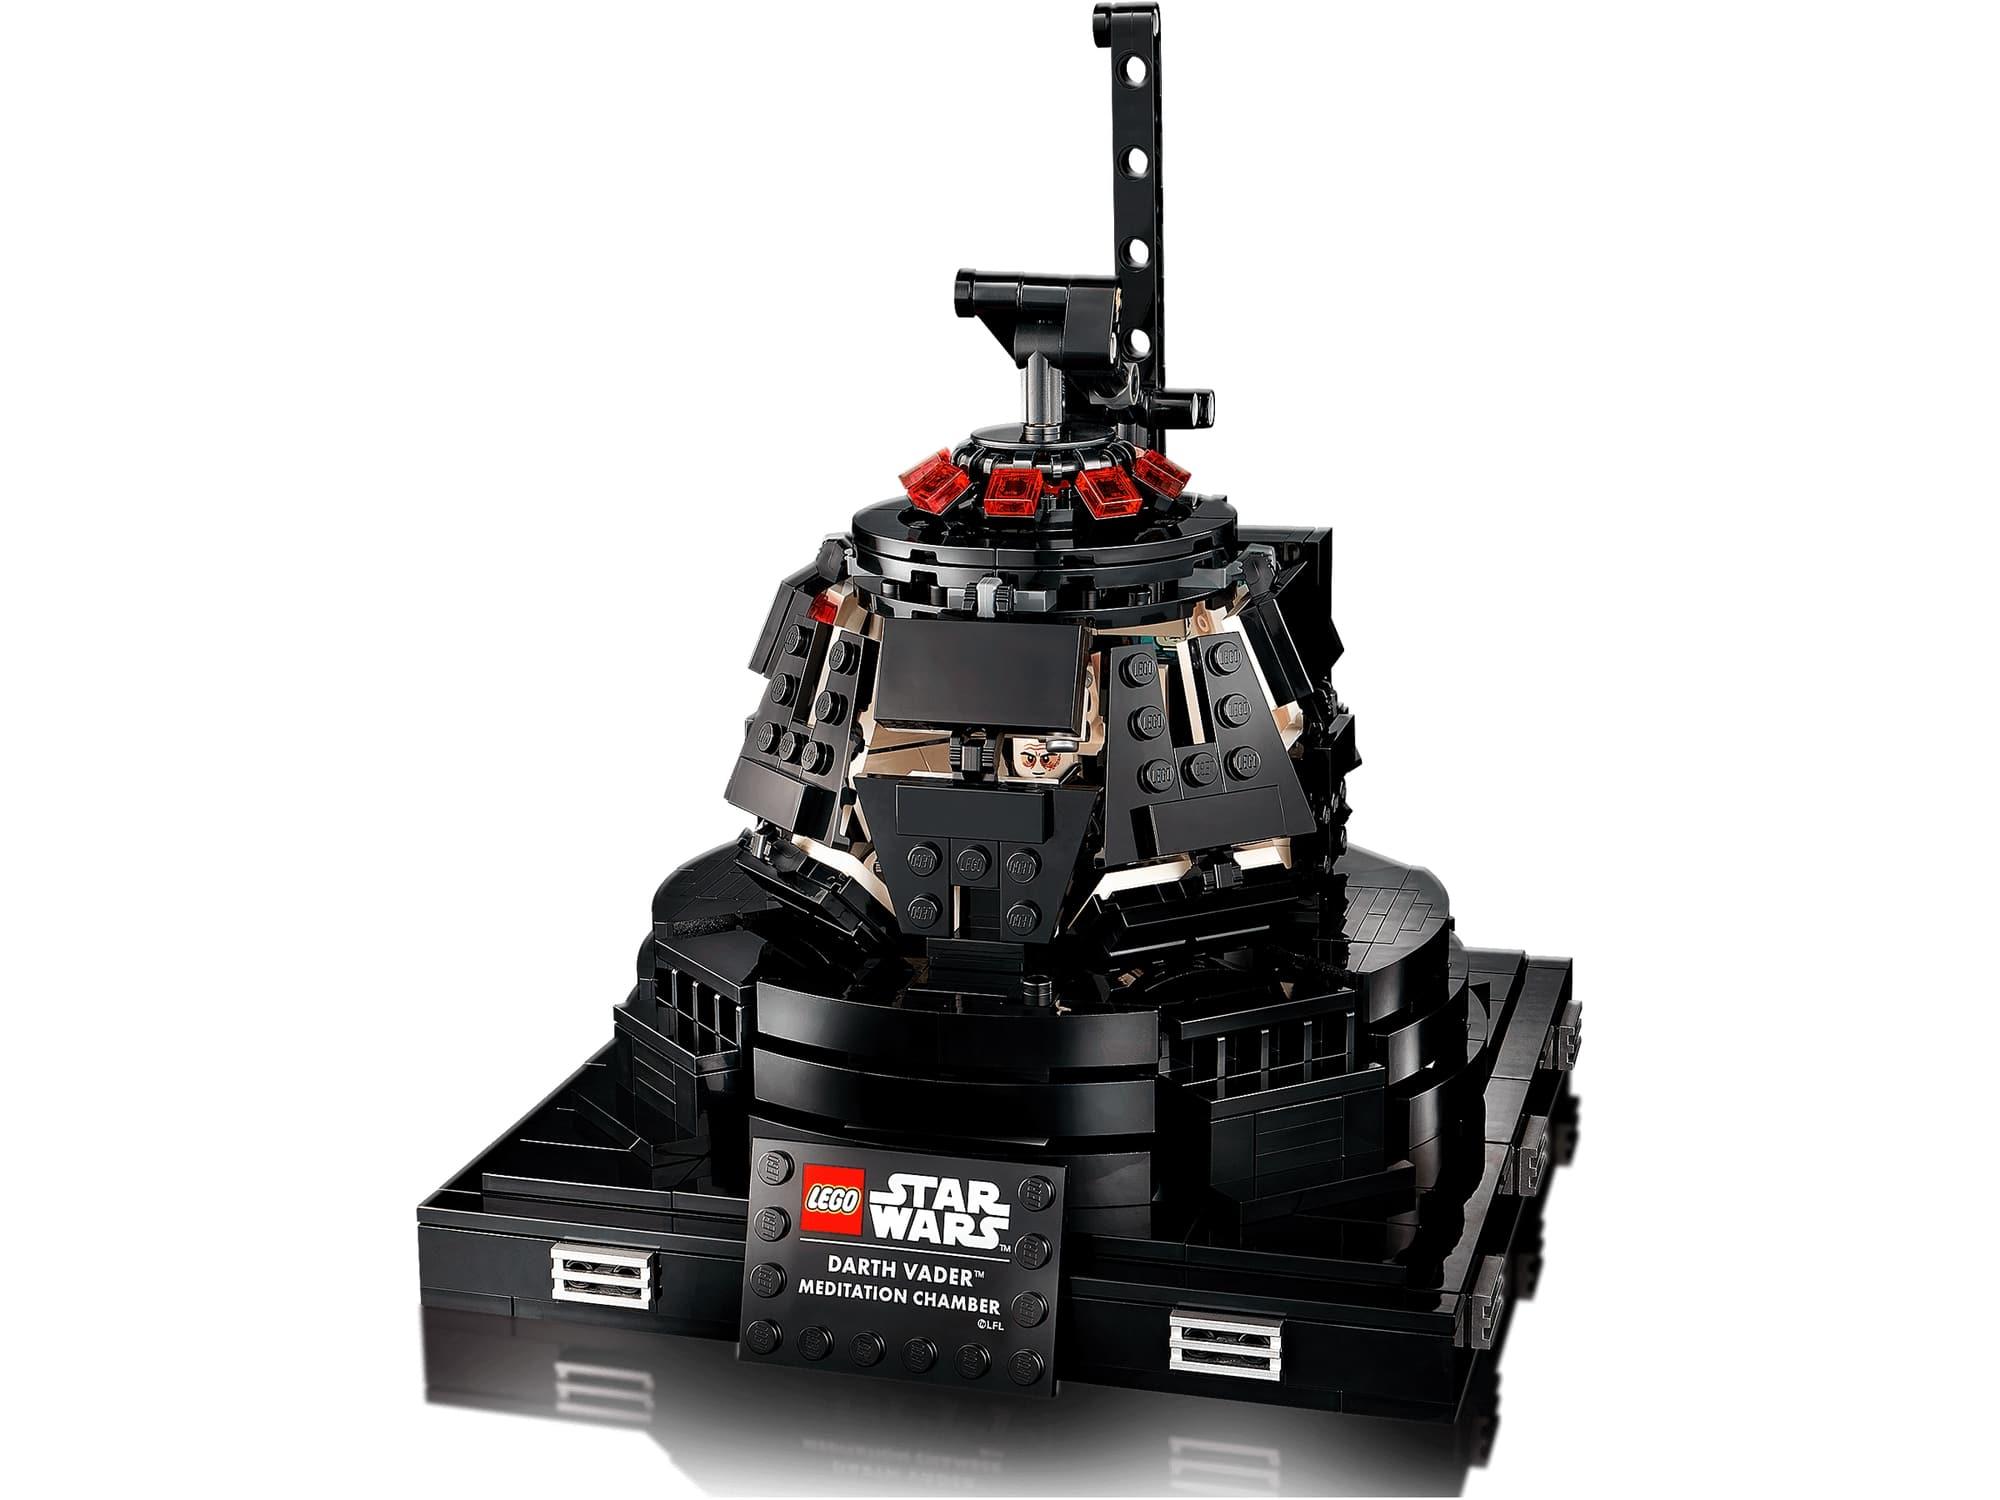 LEGO Star Wars 75296 Darth Vader Meditationskammer 4